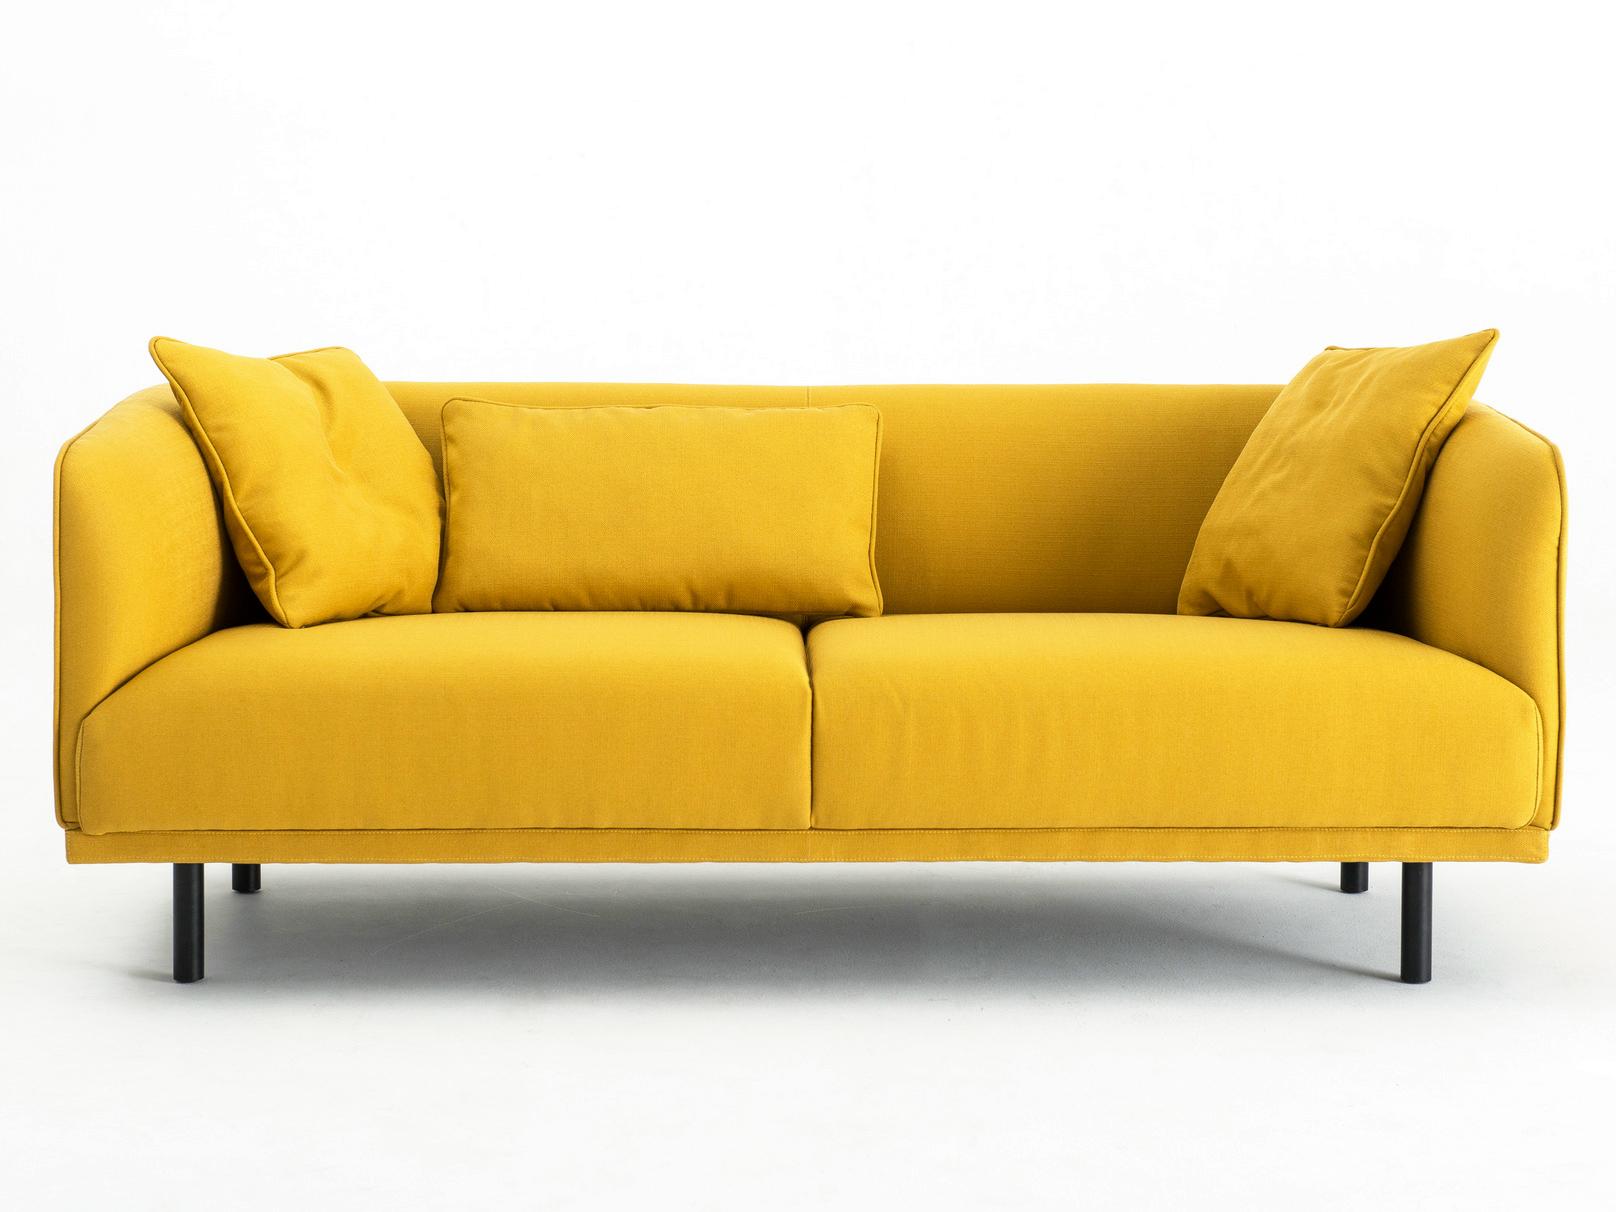 Mart Sofa By Grado Sohomod Blog